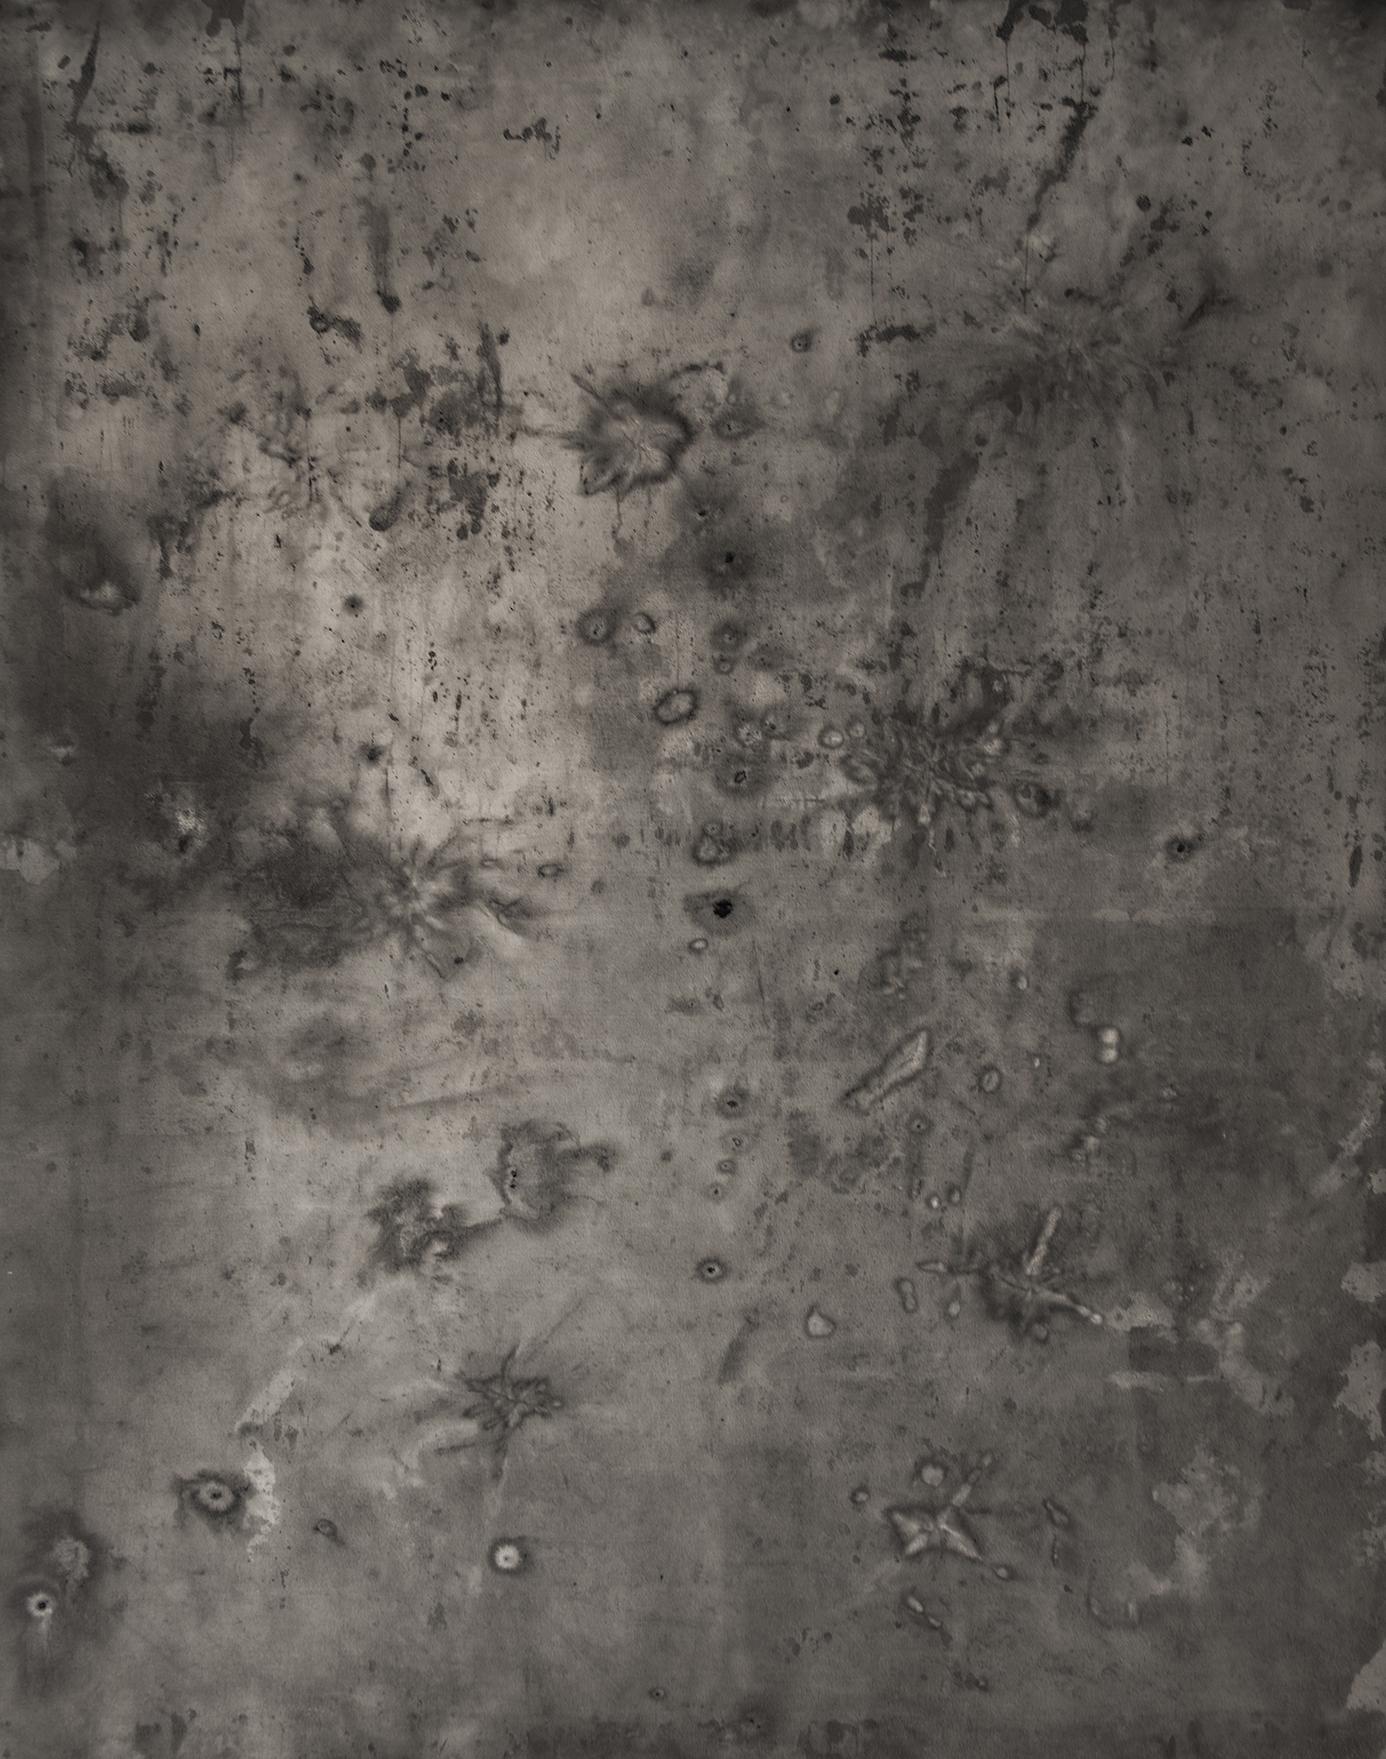 Moon Dana | Obra de Paula Klien | Exposição Extremos Líquidos